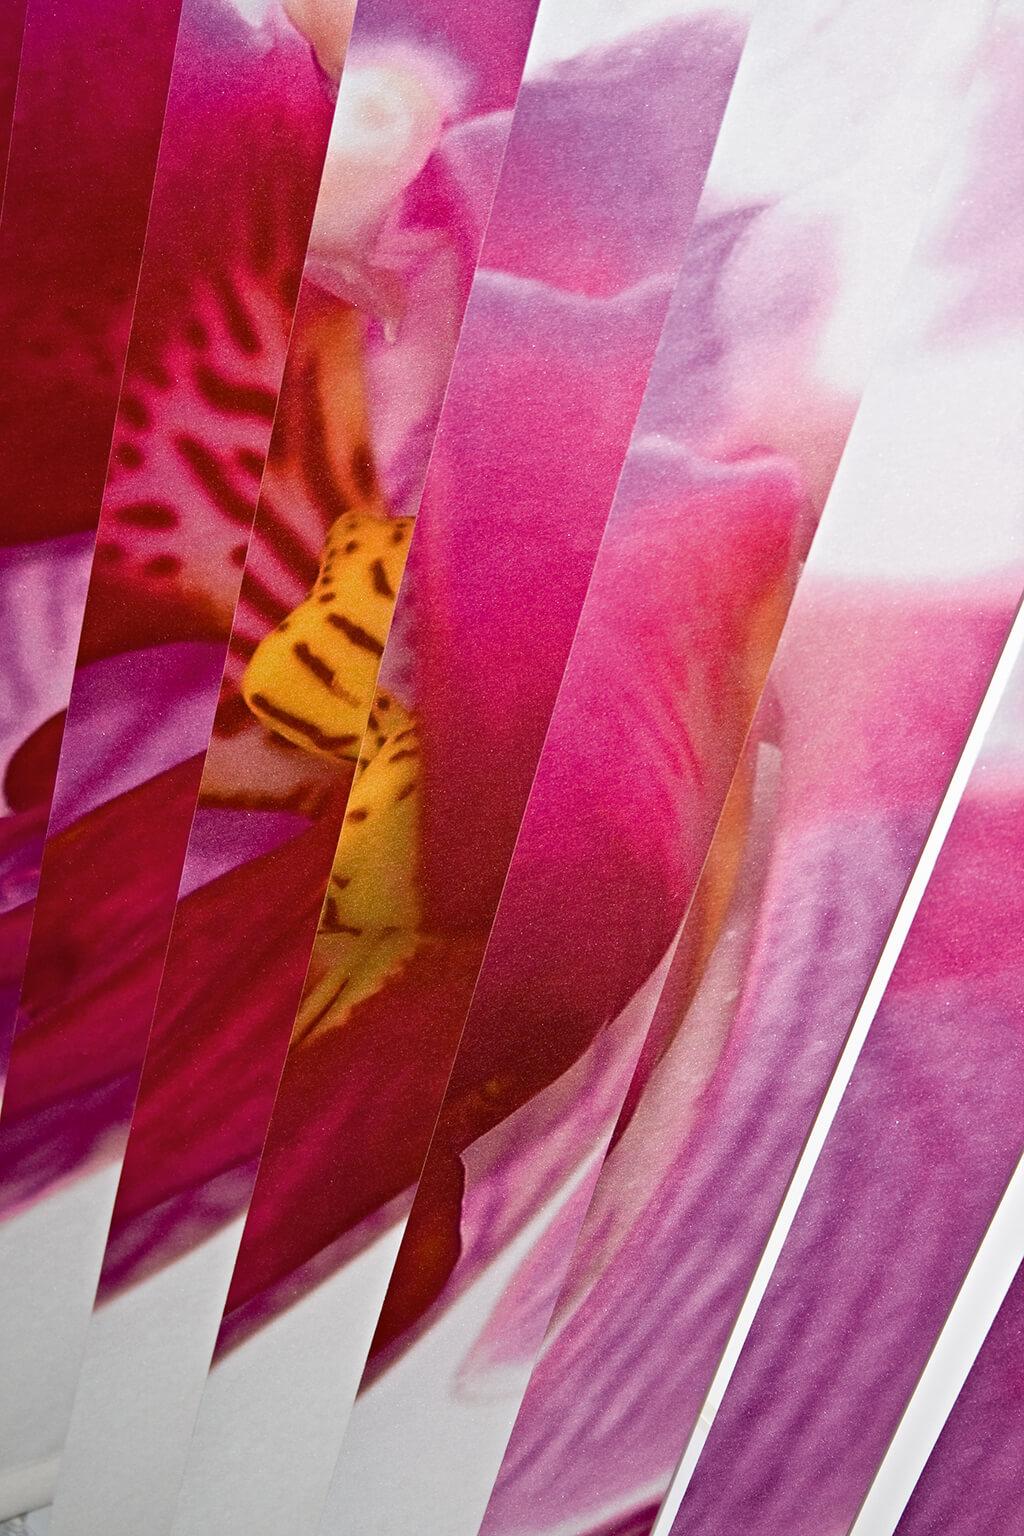 Lamellenvorhang mit Individualdruck: Detailaufnahme einer Orchidee